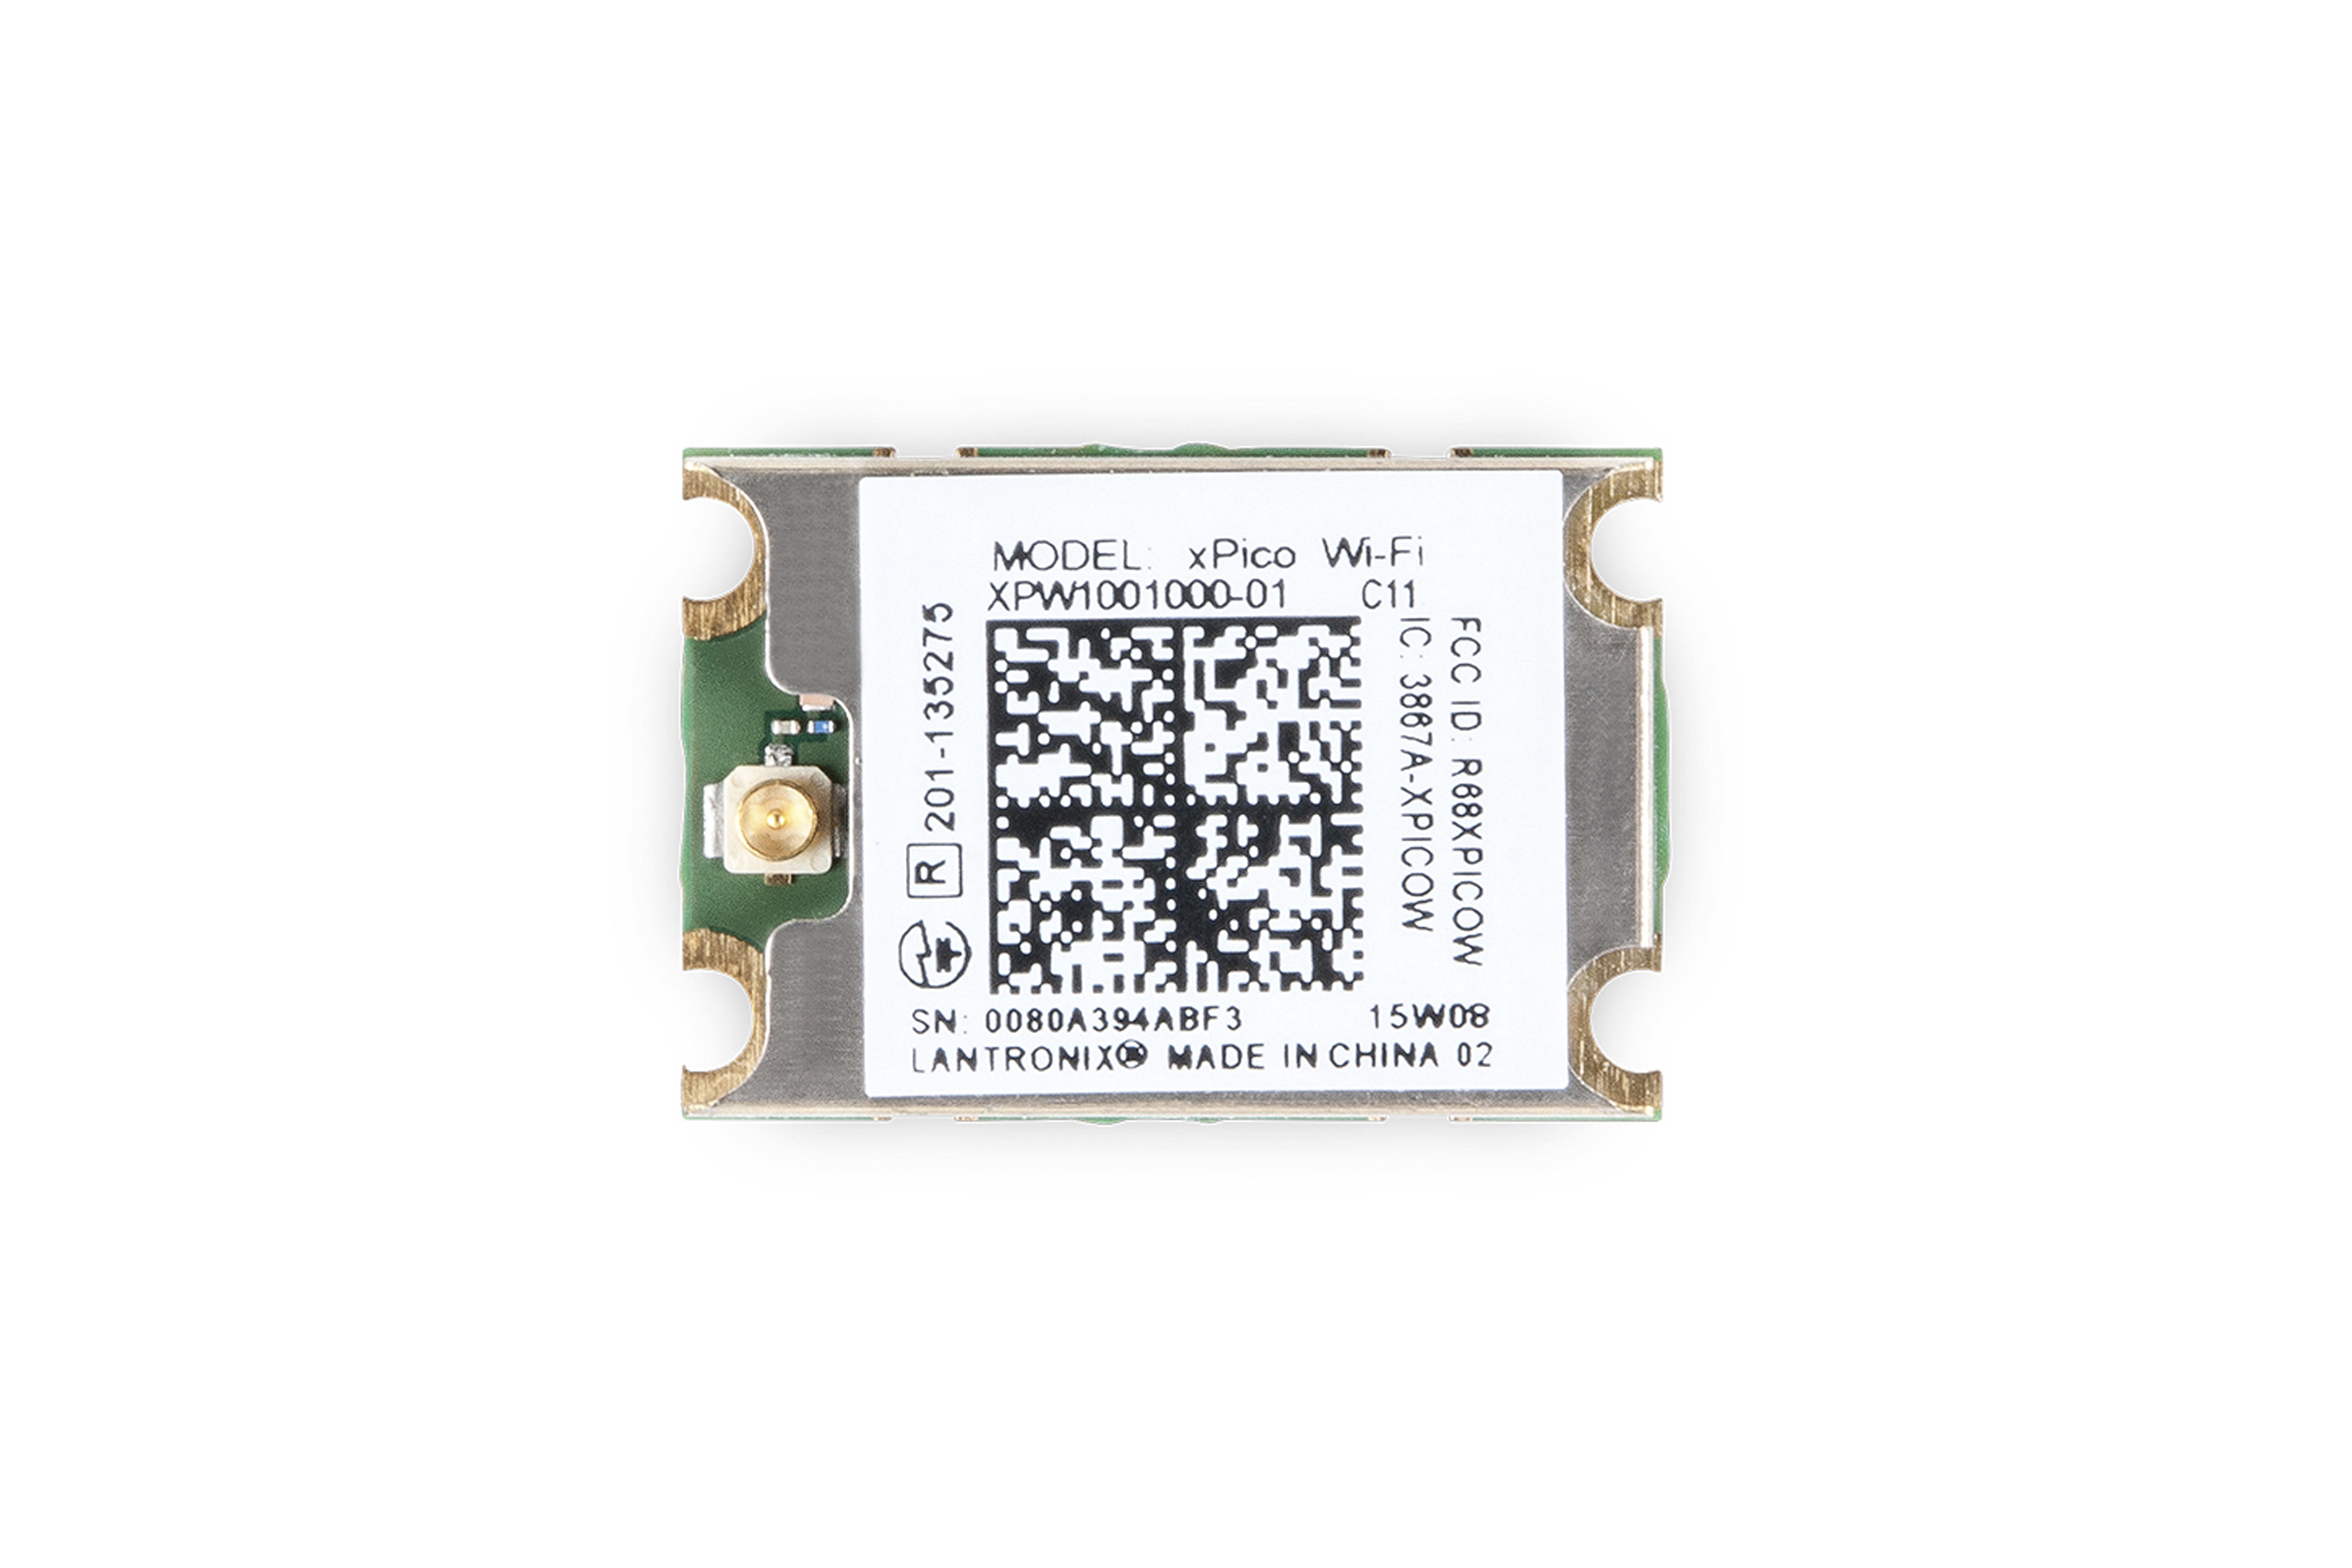 Serieel naar wifi-server IEEE 802.11b/g/n